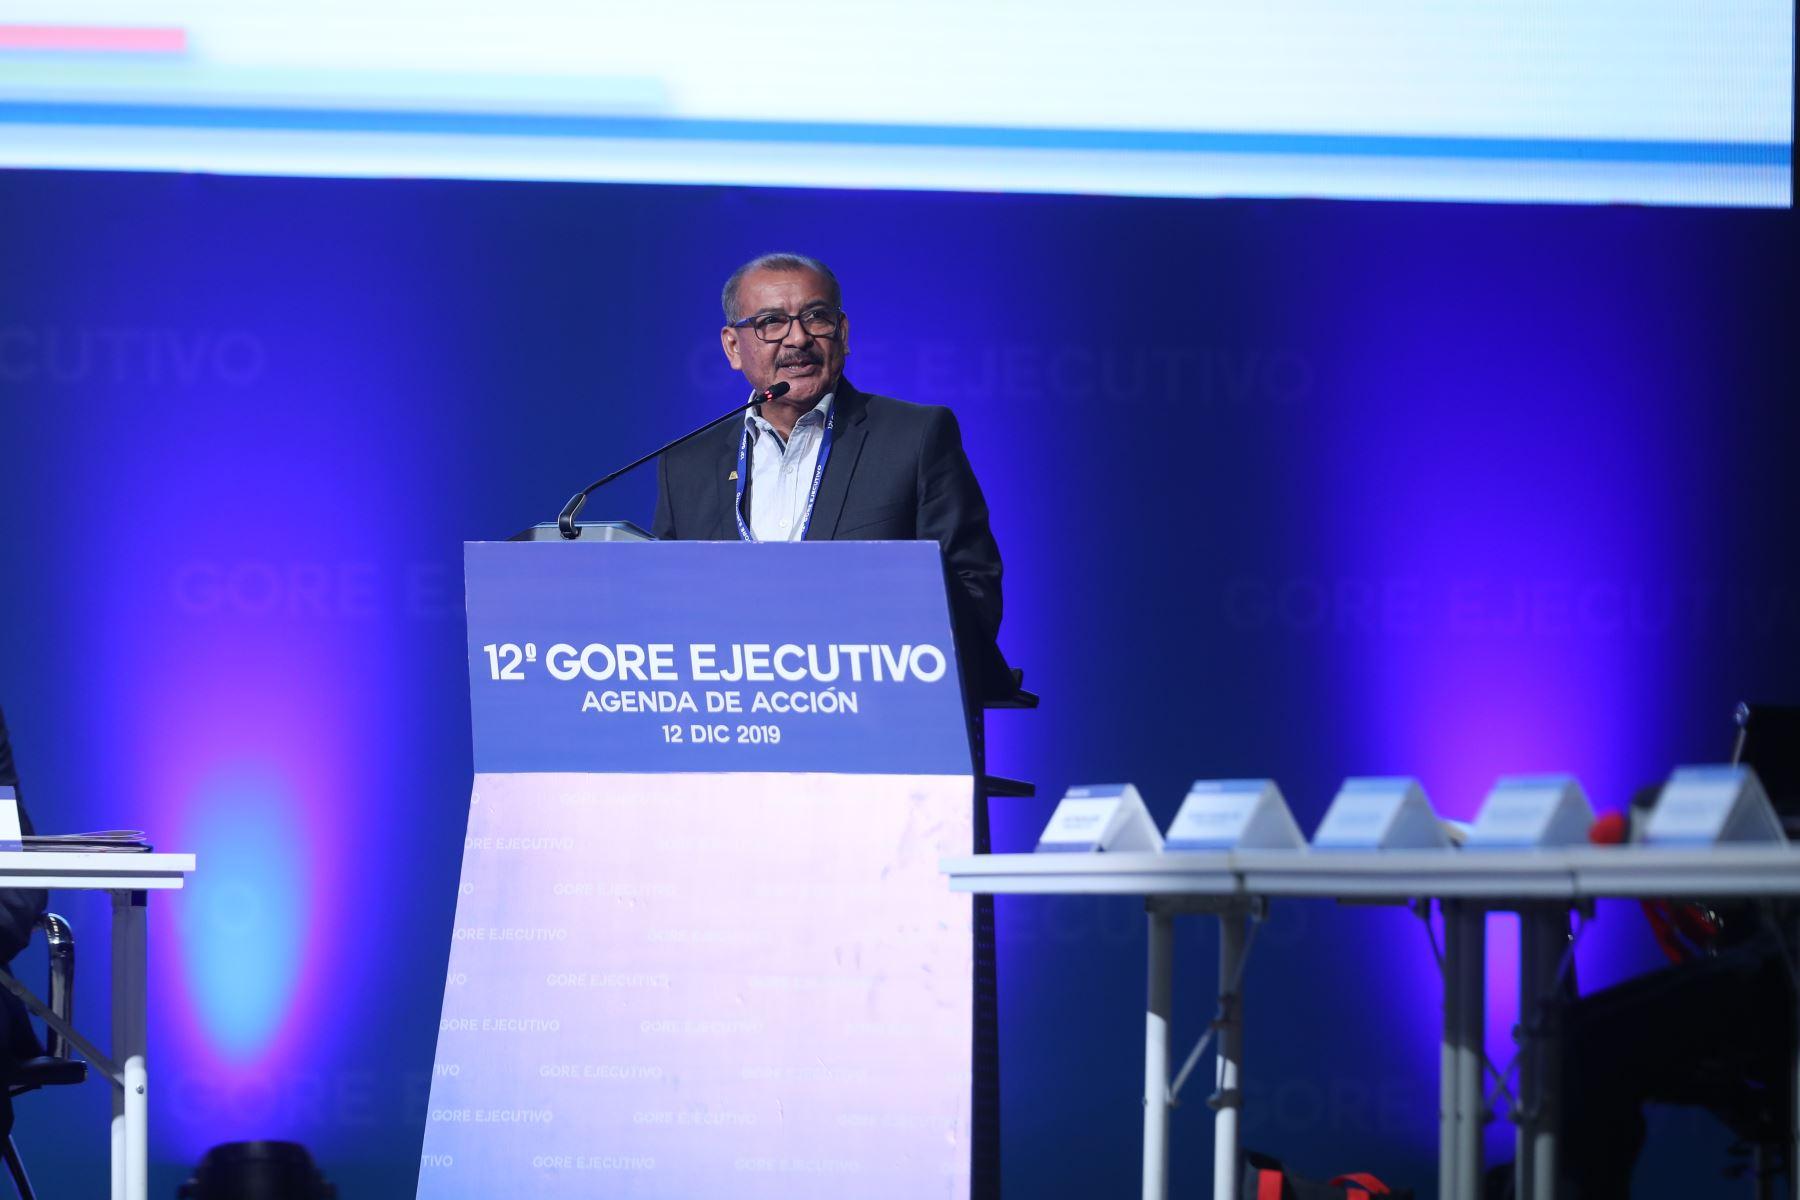 Gobernador regional de Tumbes, Wilmer Dios participa en la 12° Gore Ejecutivo. Foto: ANDINA/Melina Mejía